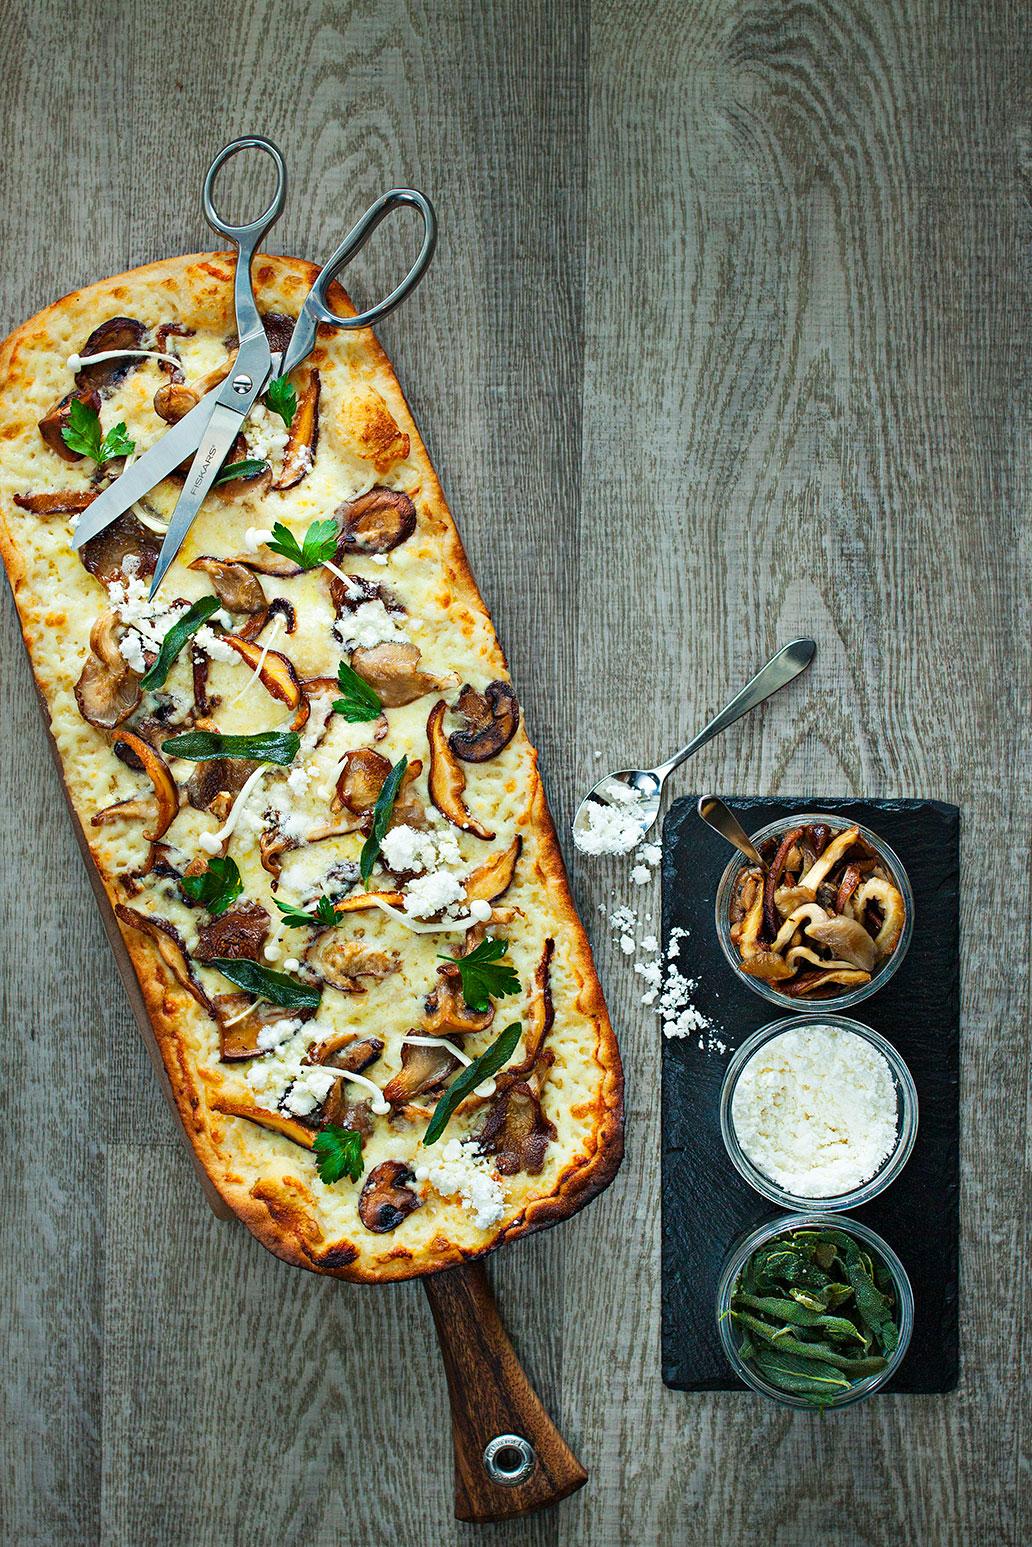 Pizza alla Funghi di Tartufo